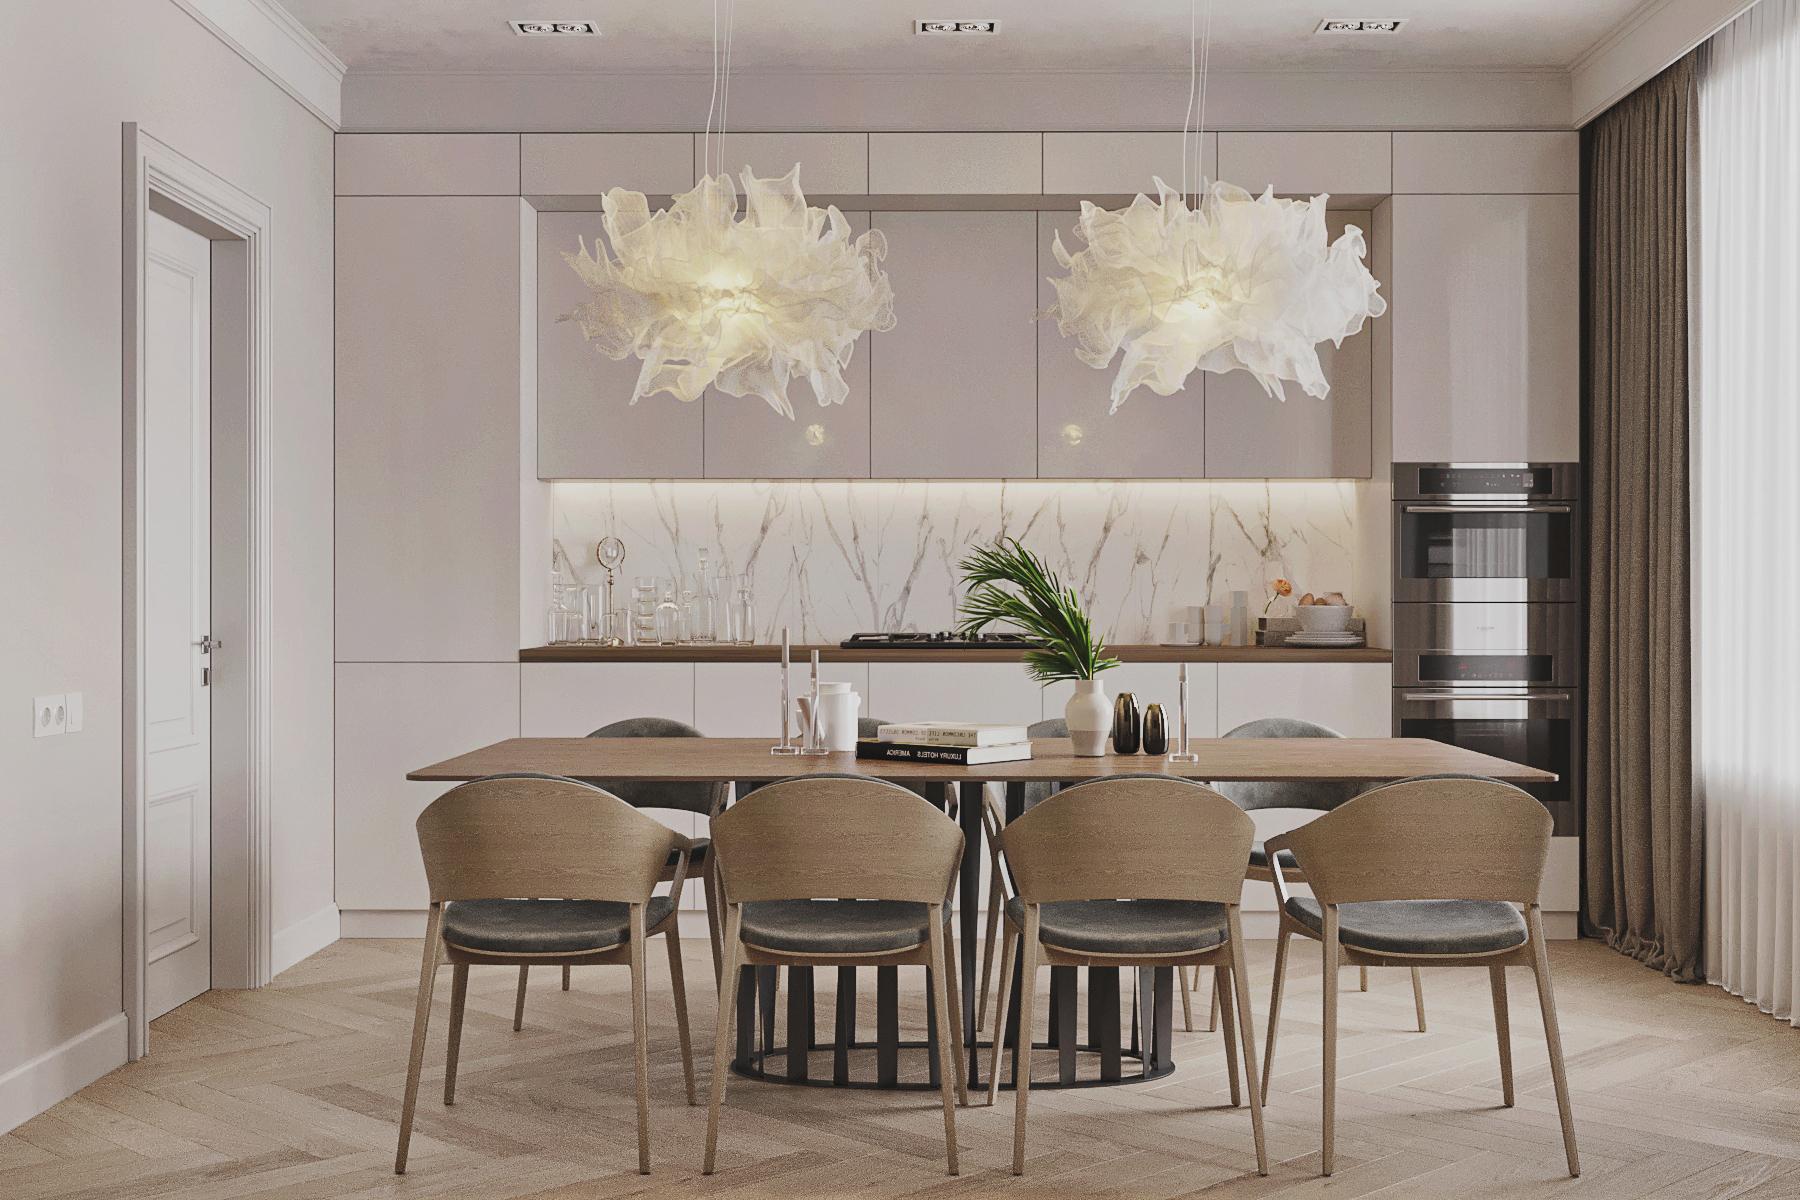 https://avantum-remont.ru/wp-content/uploads/2015/05/kitchen_View04.jpg